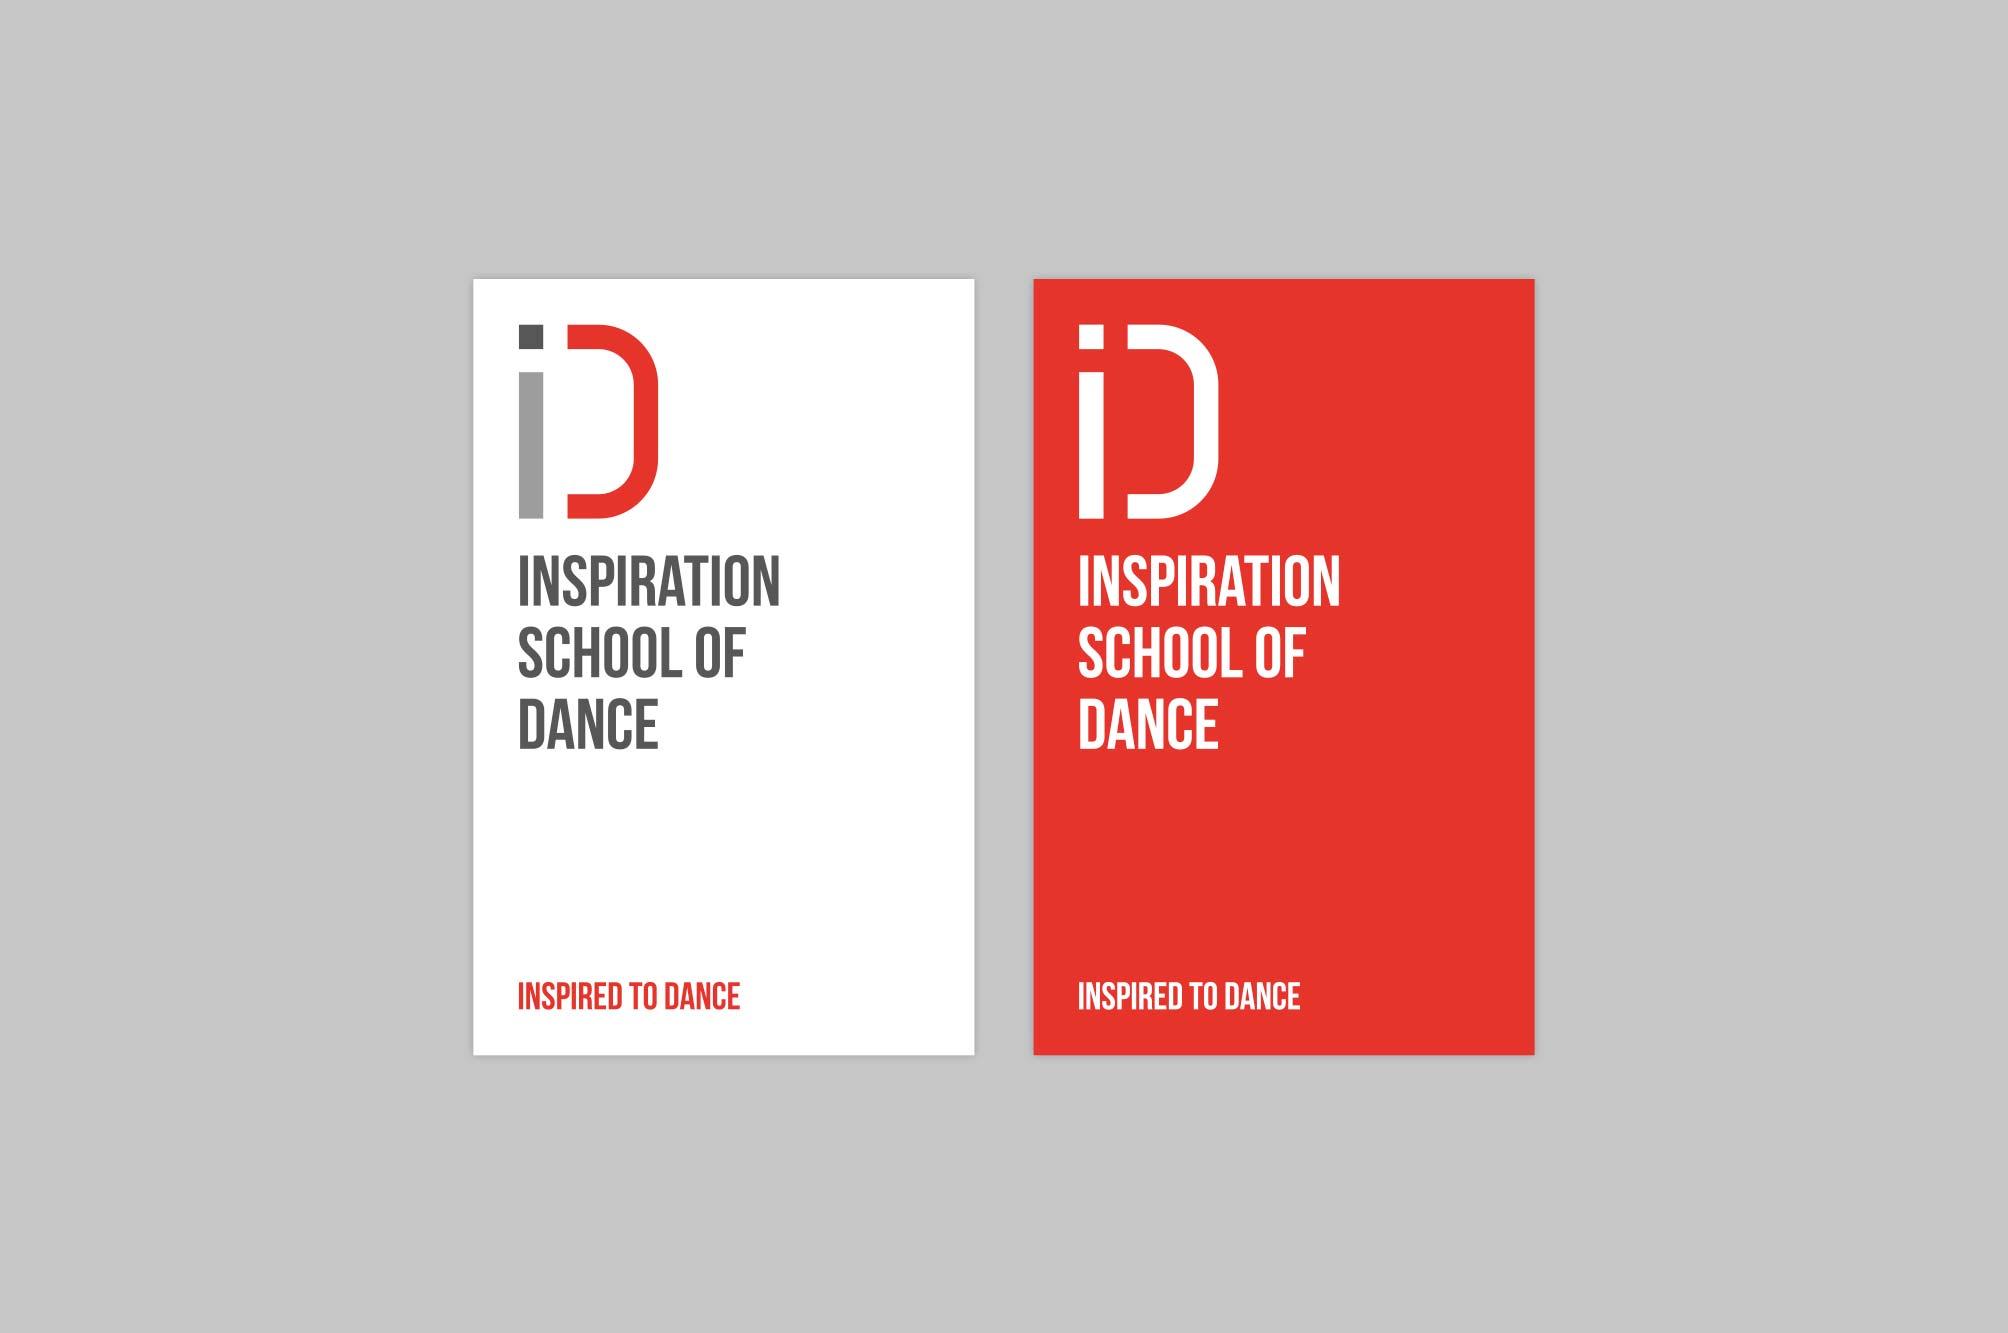 Inspiration-School-of-Dance-Wide-03 | WeDesign